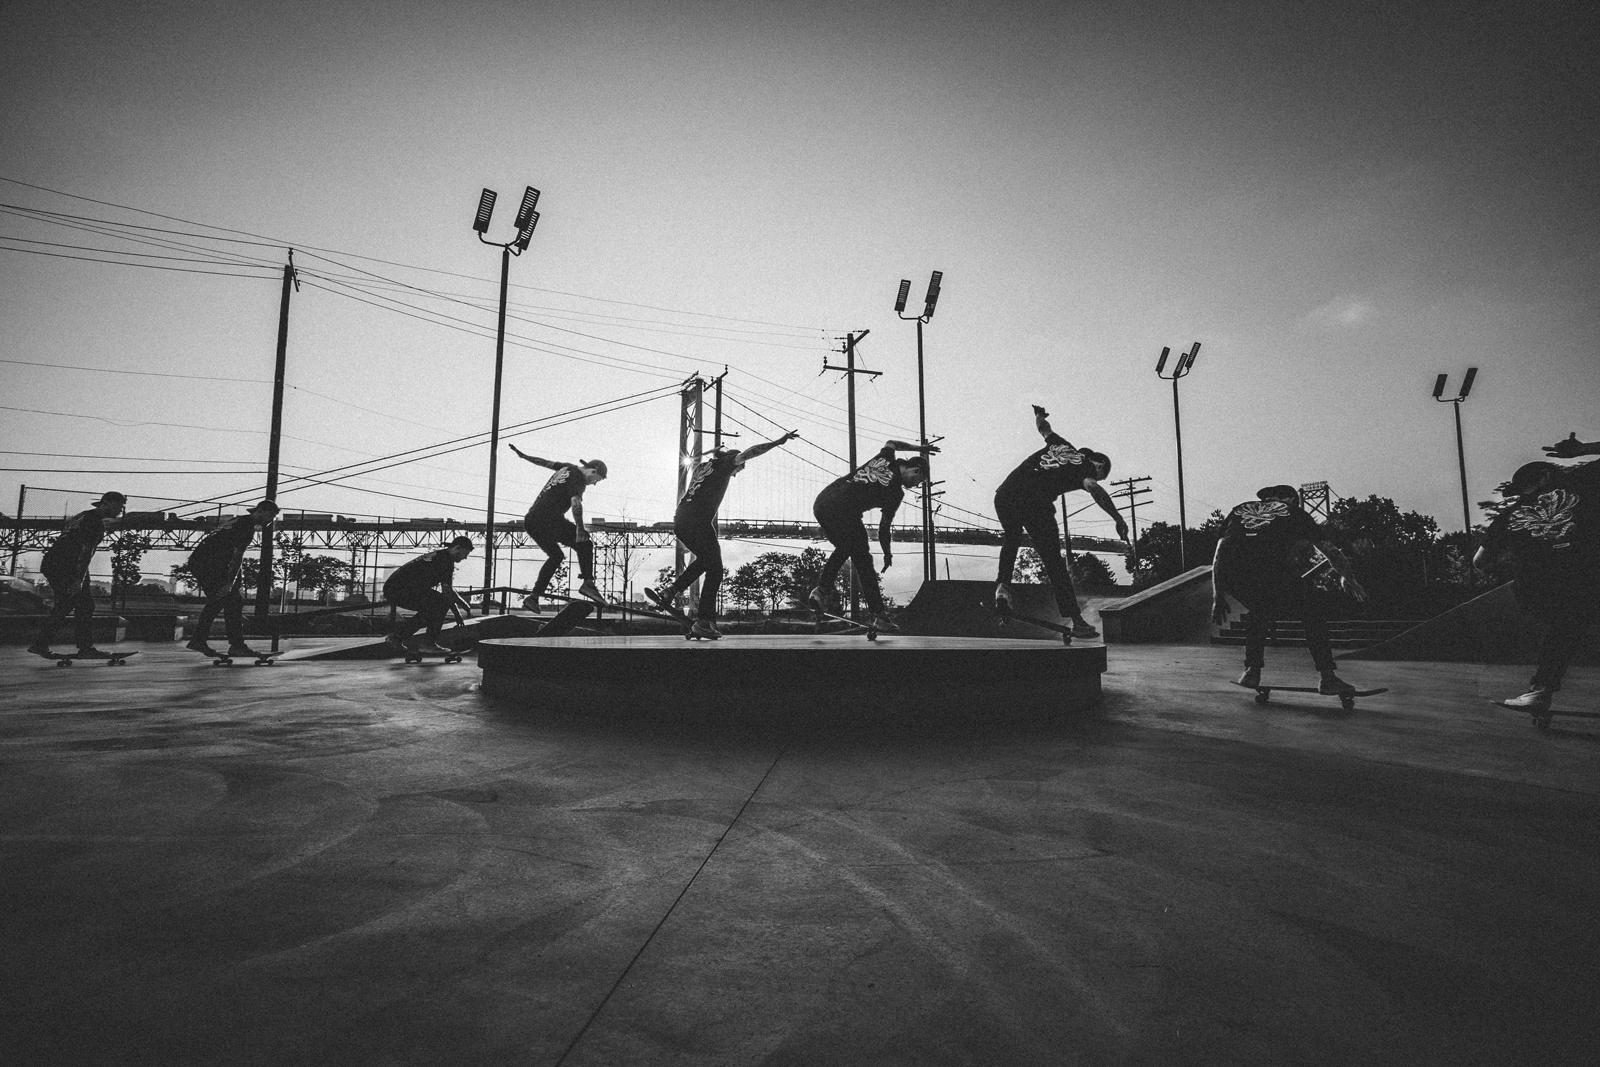 john-sippel-vltrr-riverside-skatepark-detroit